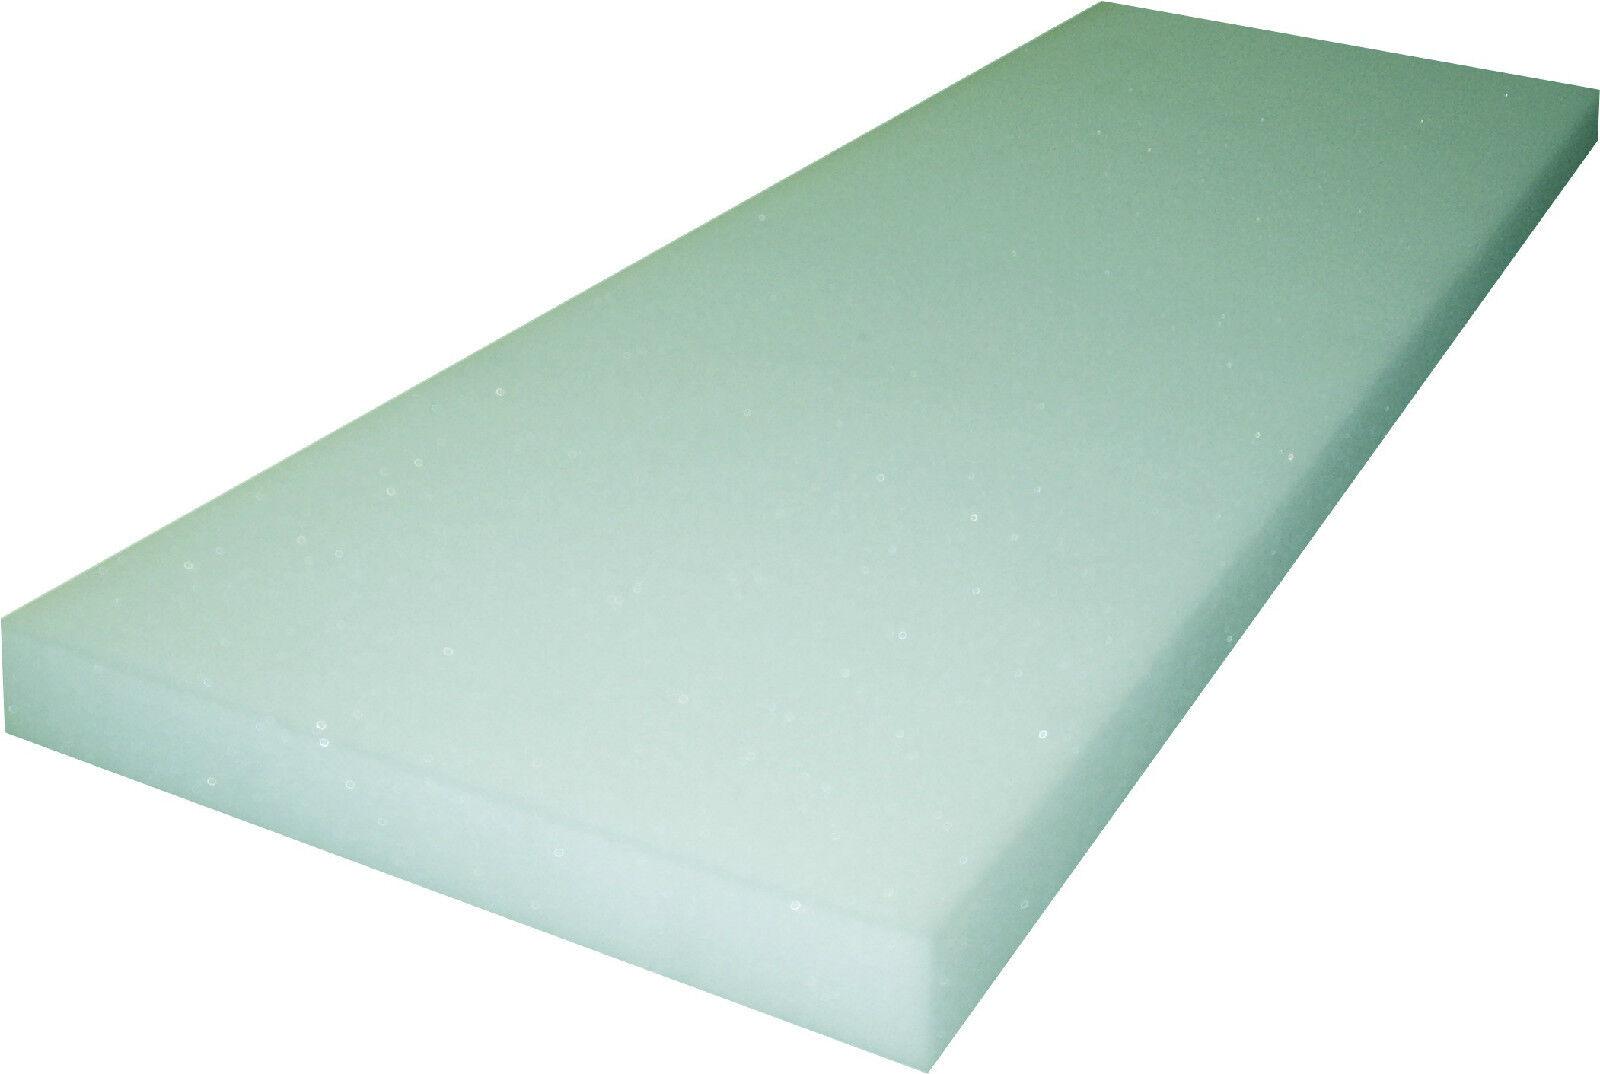 Schaumstoff Platte 100x200x12 cm Schaumstoff Matratze RG40